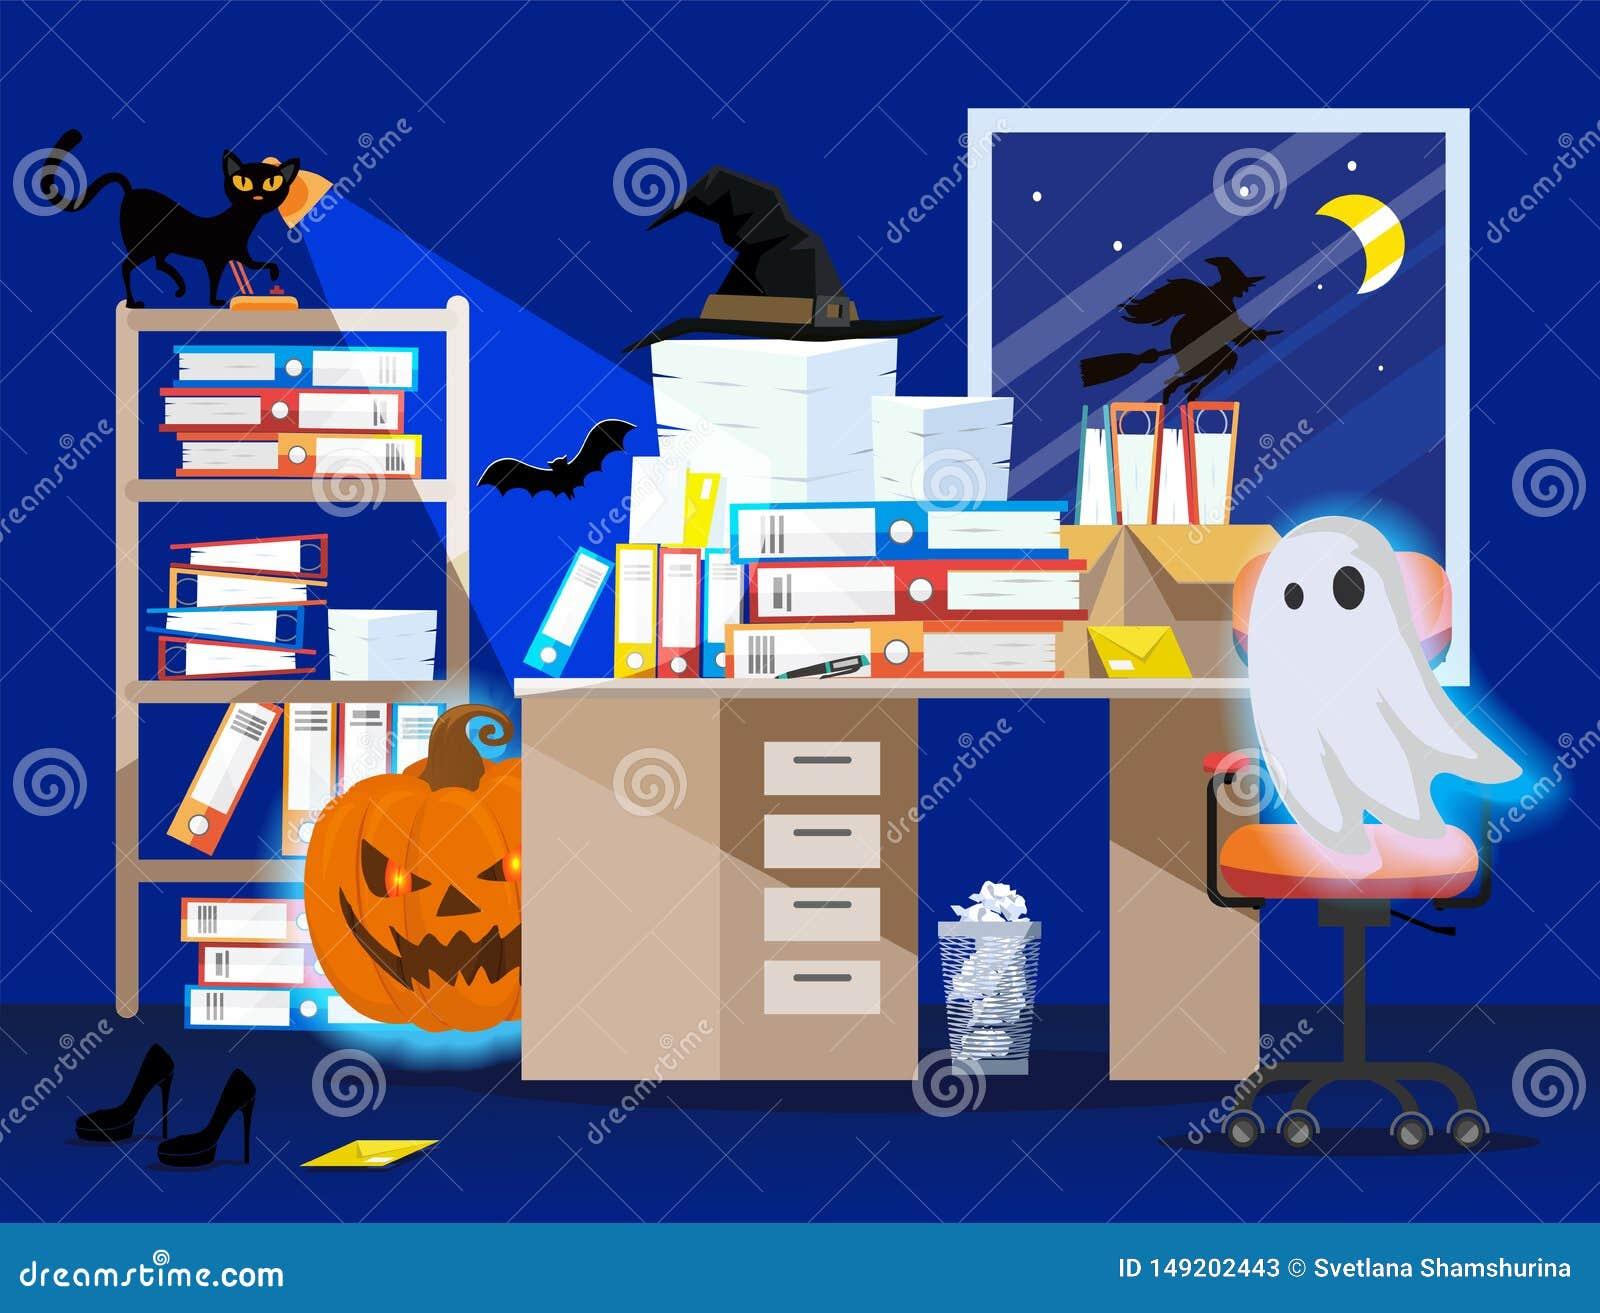 职场在度假在蓝色的万圣节 办公室室的平的例证内部用南瓜,发光的鬼魂,甚而猫,